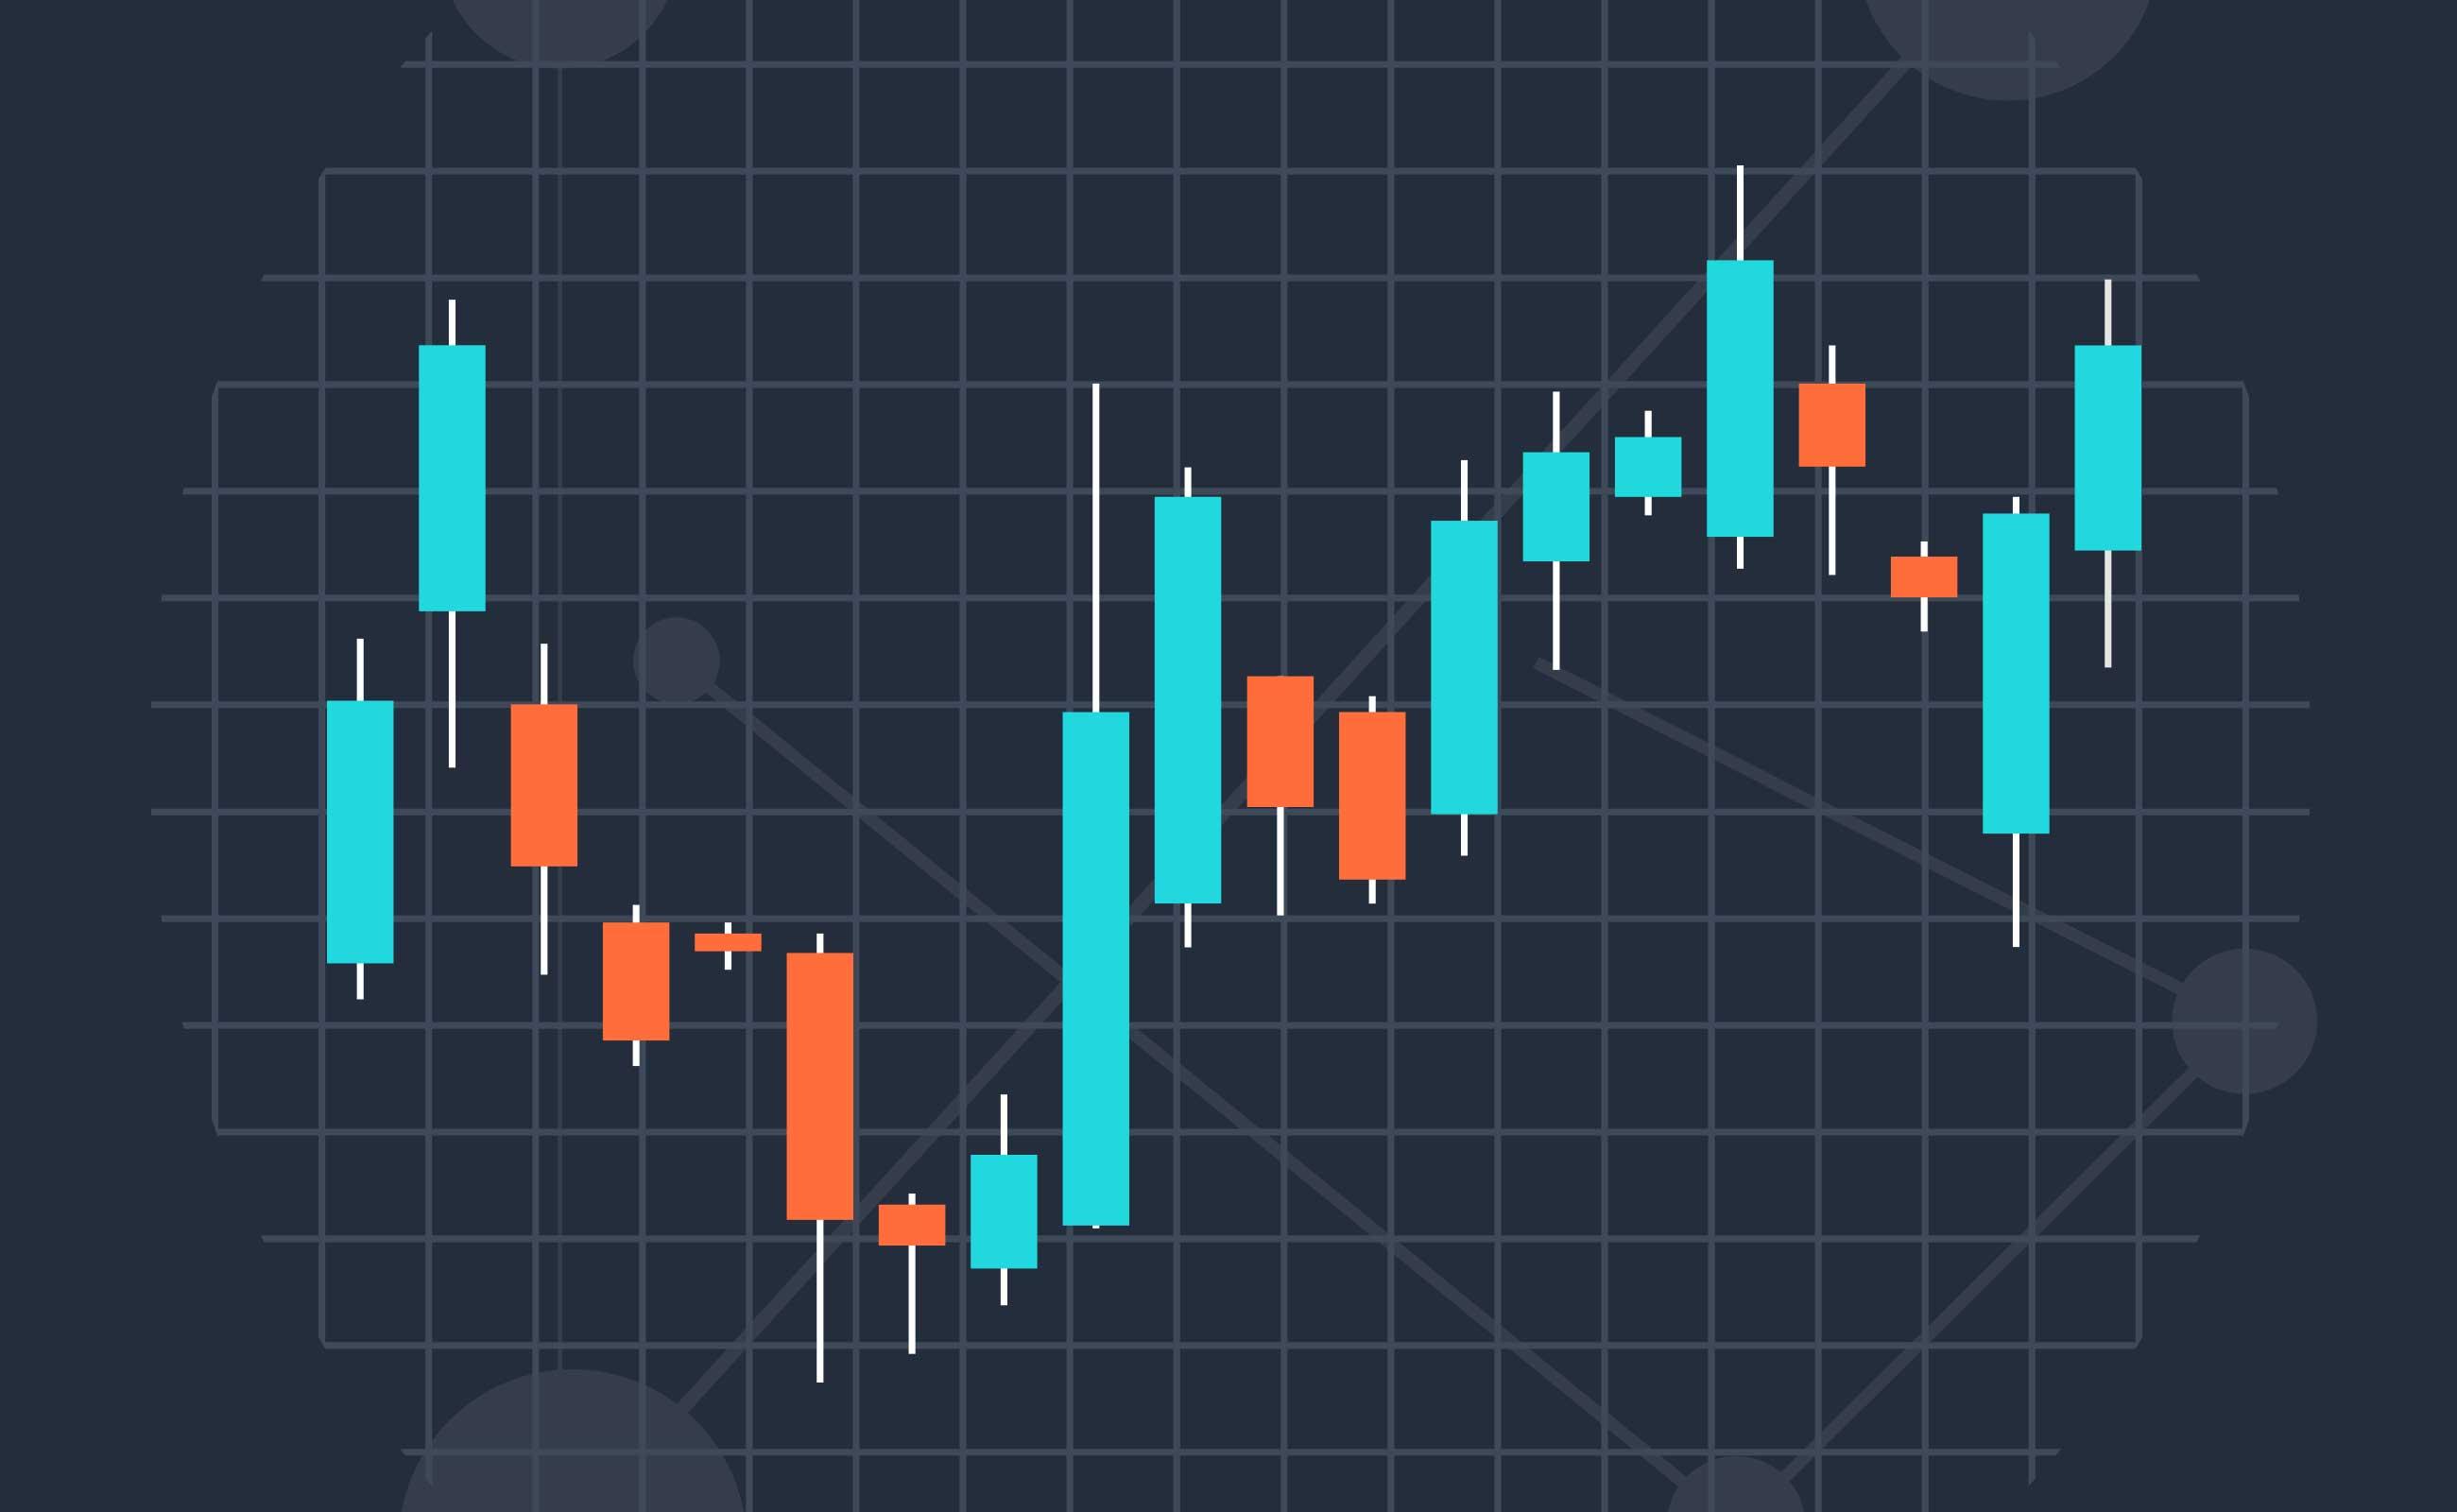 互联网金融板块大涨 银之杰涨停